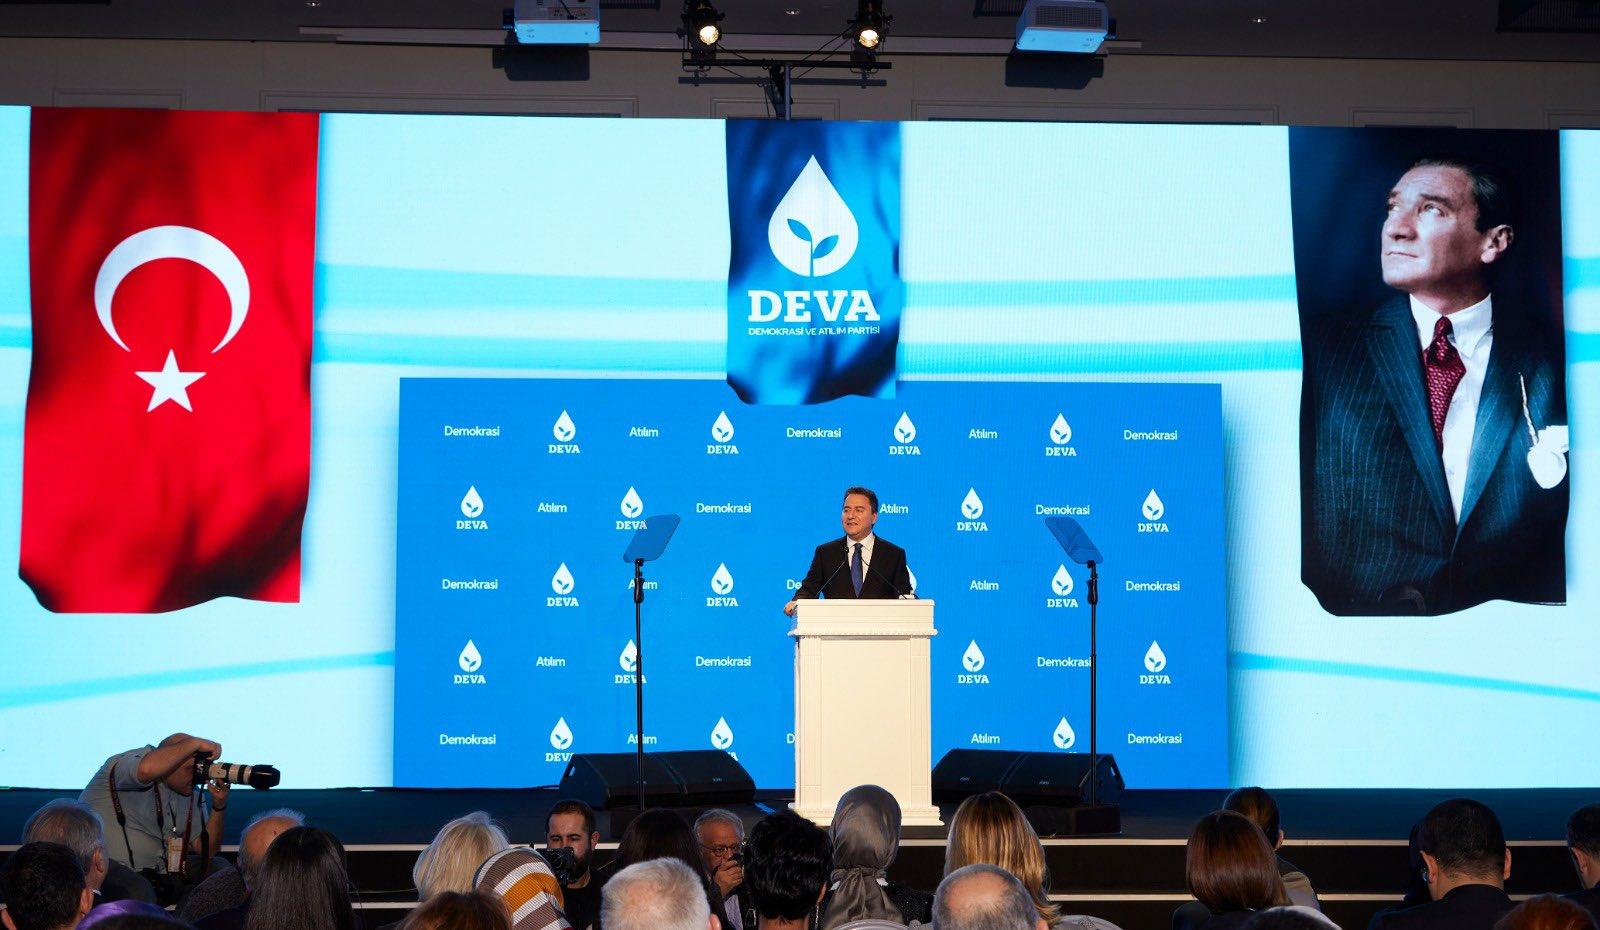 Ali Babacan'ın DEVA Partisi: Türkiye'nin dertlerine bir 'deva' olabilir mi?